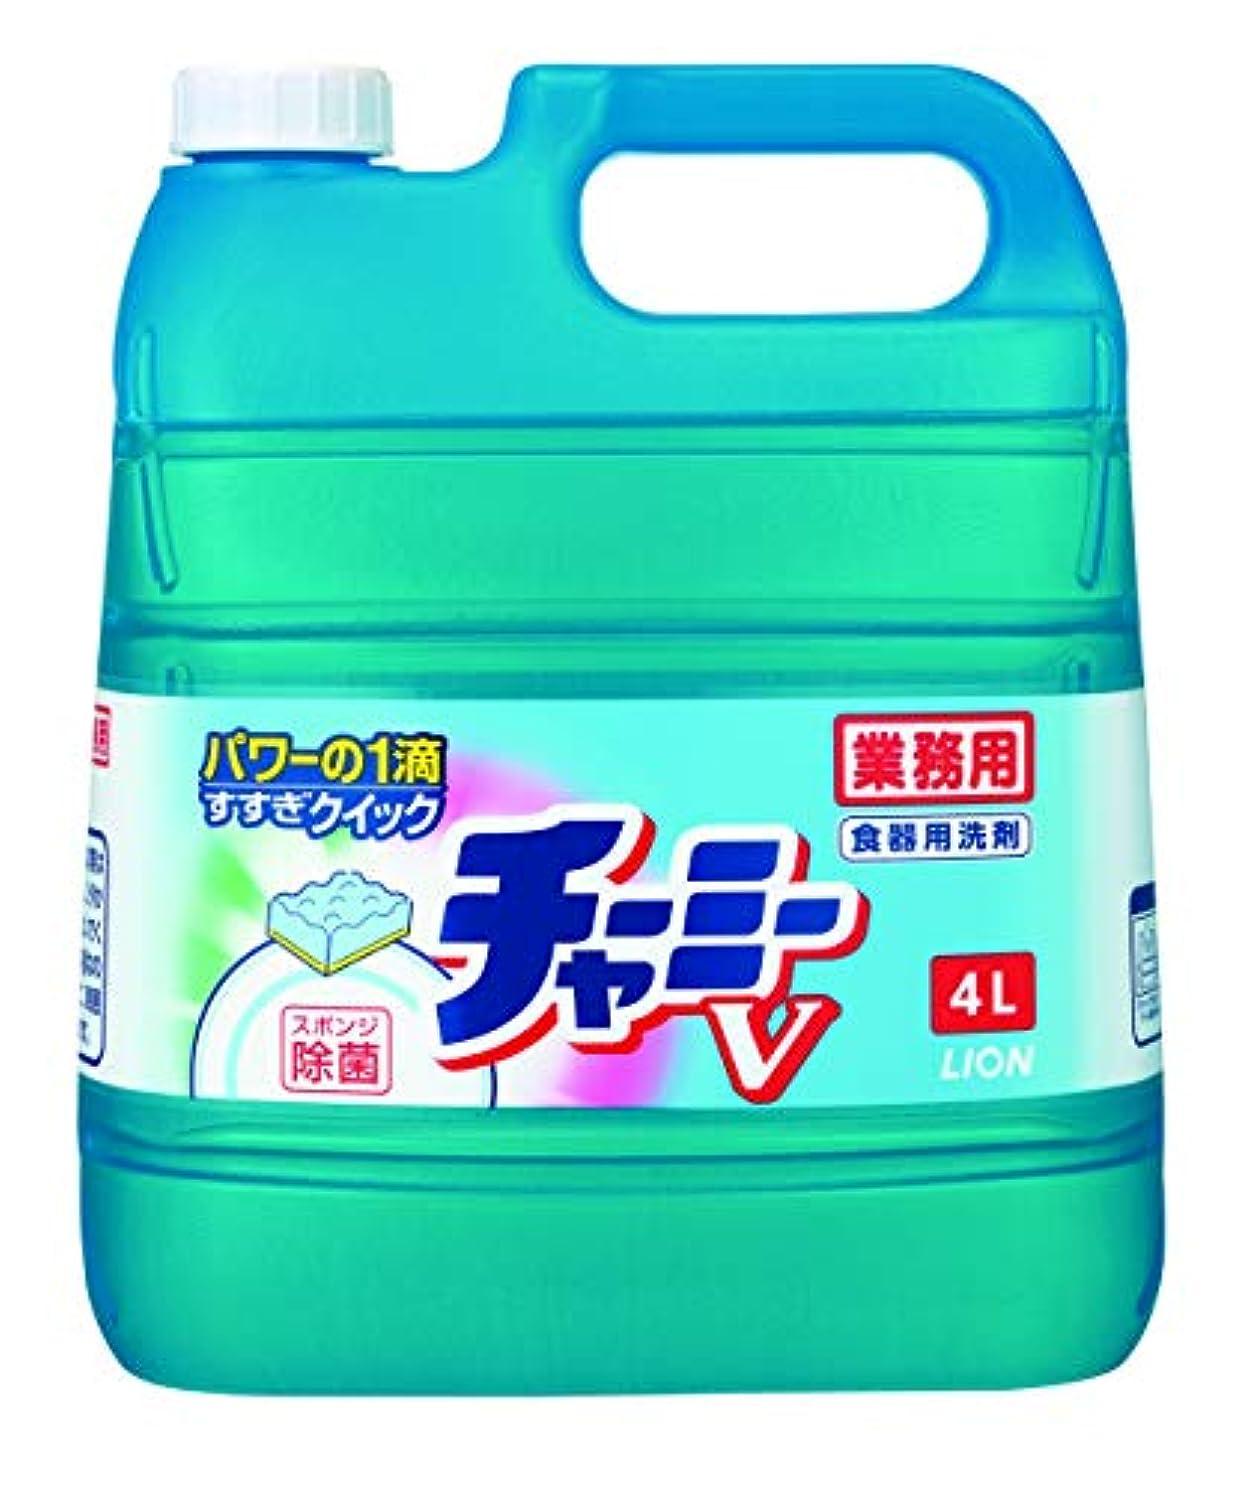 疫病カレッジ裁定【業務用 大容量】チャーミーV 食器野菜用洗剤 4L